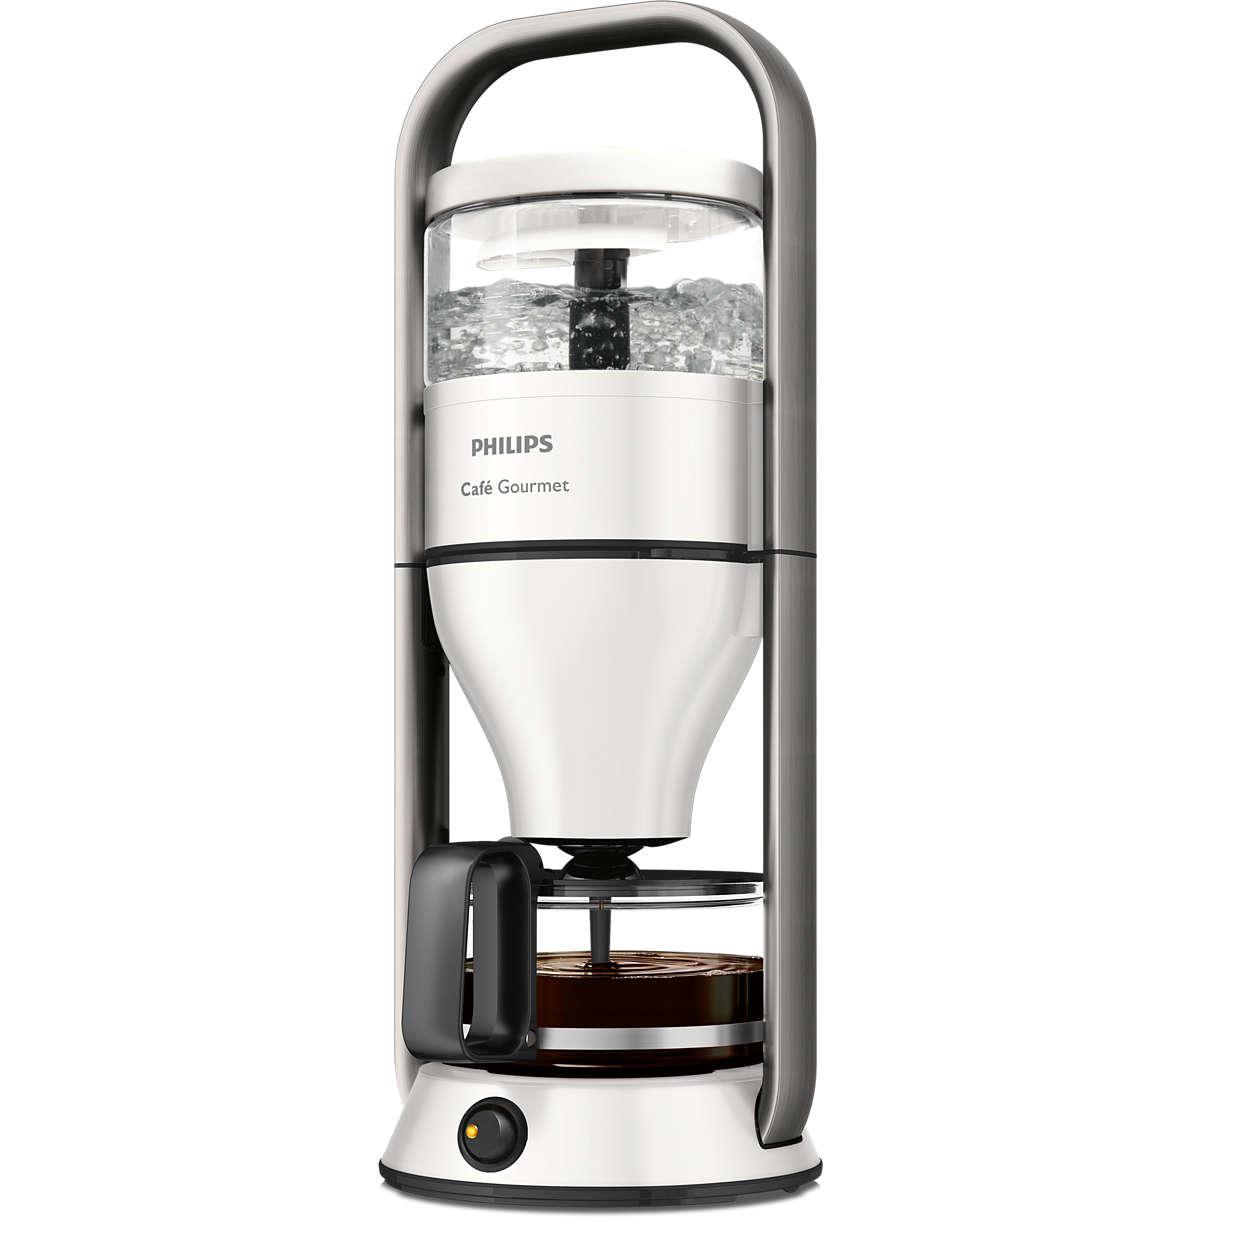 Täglich frisch aufgebrühter Filterkaffee seit 30Jahren